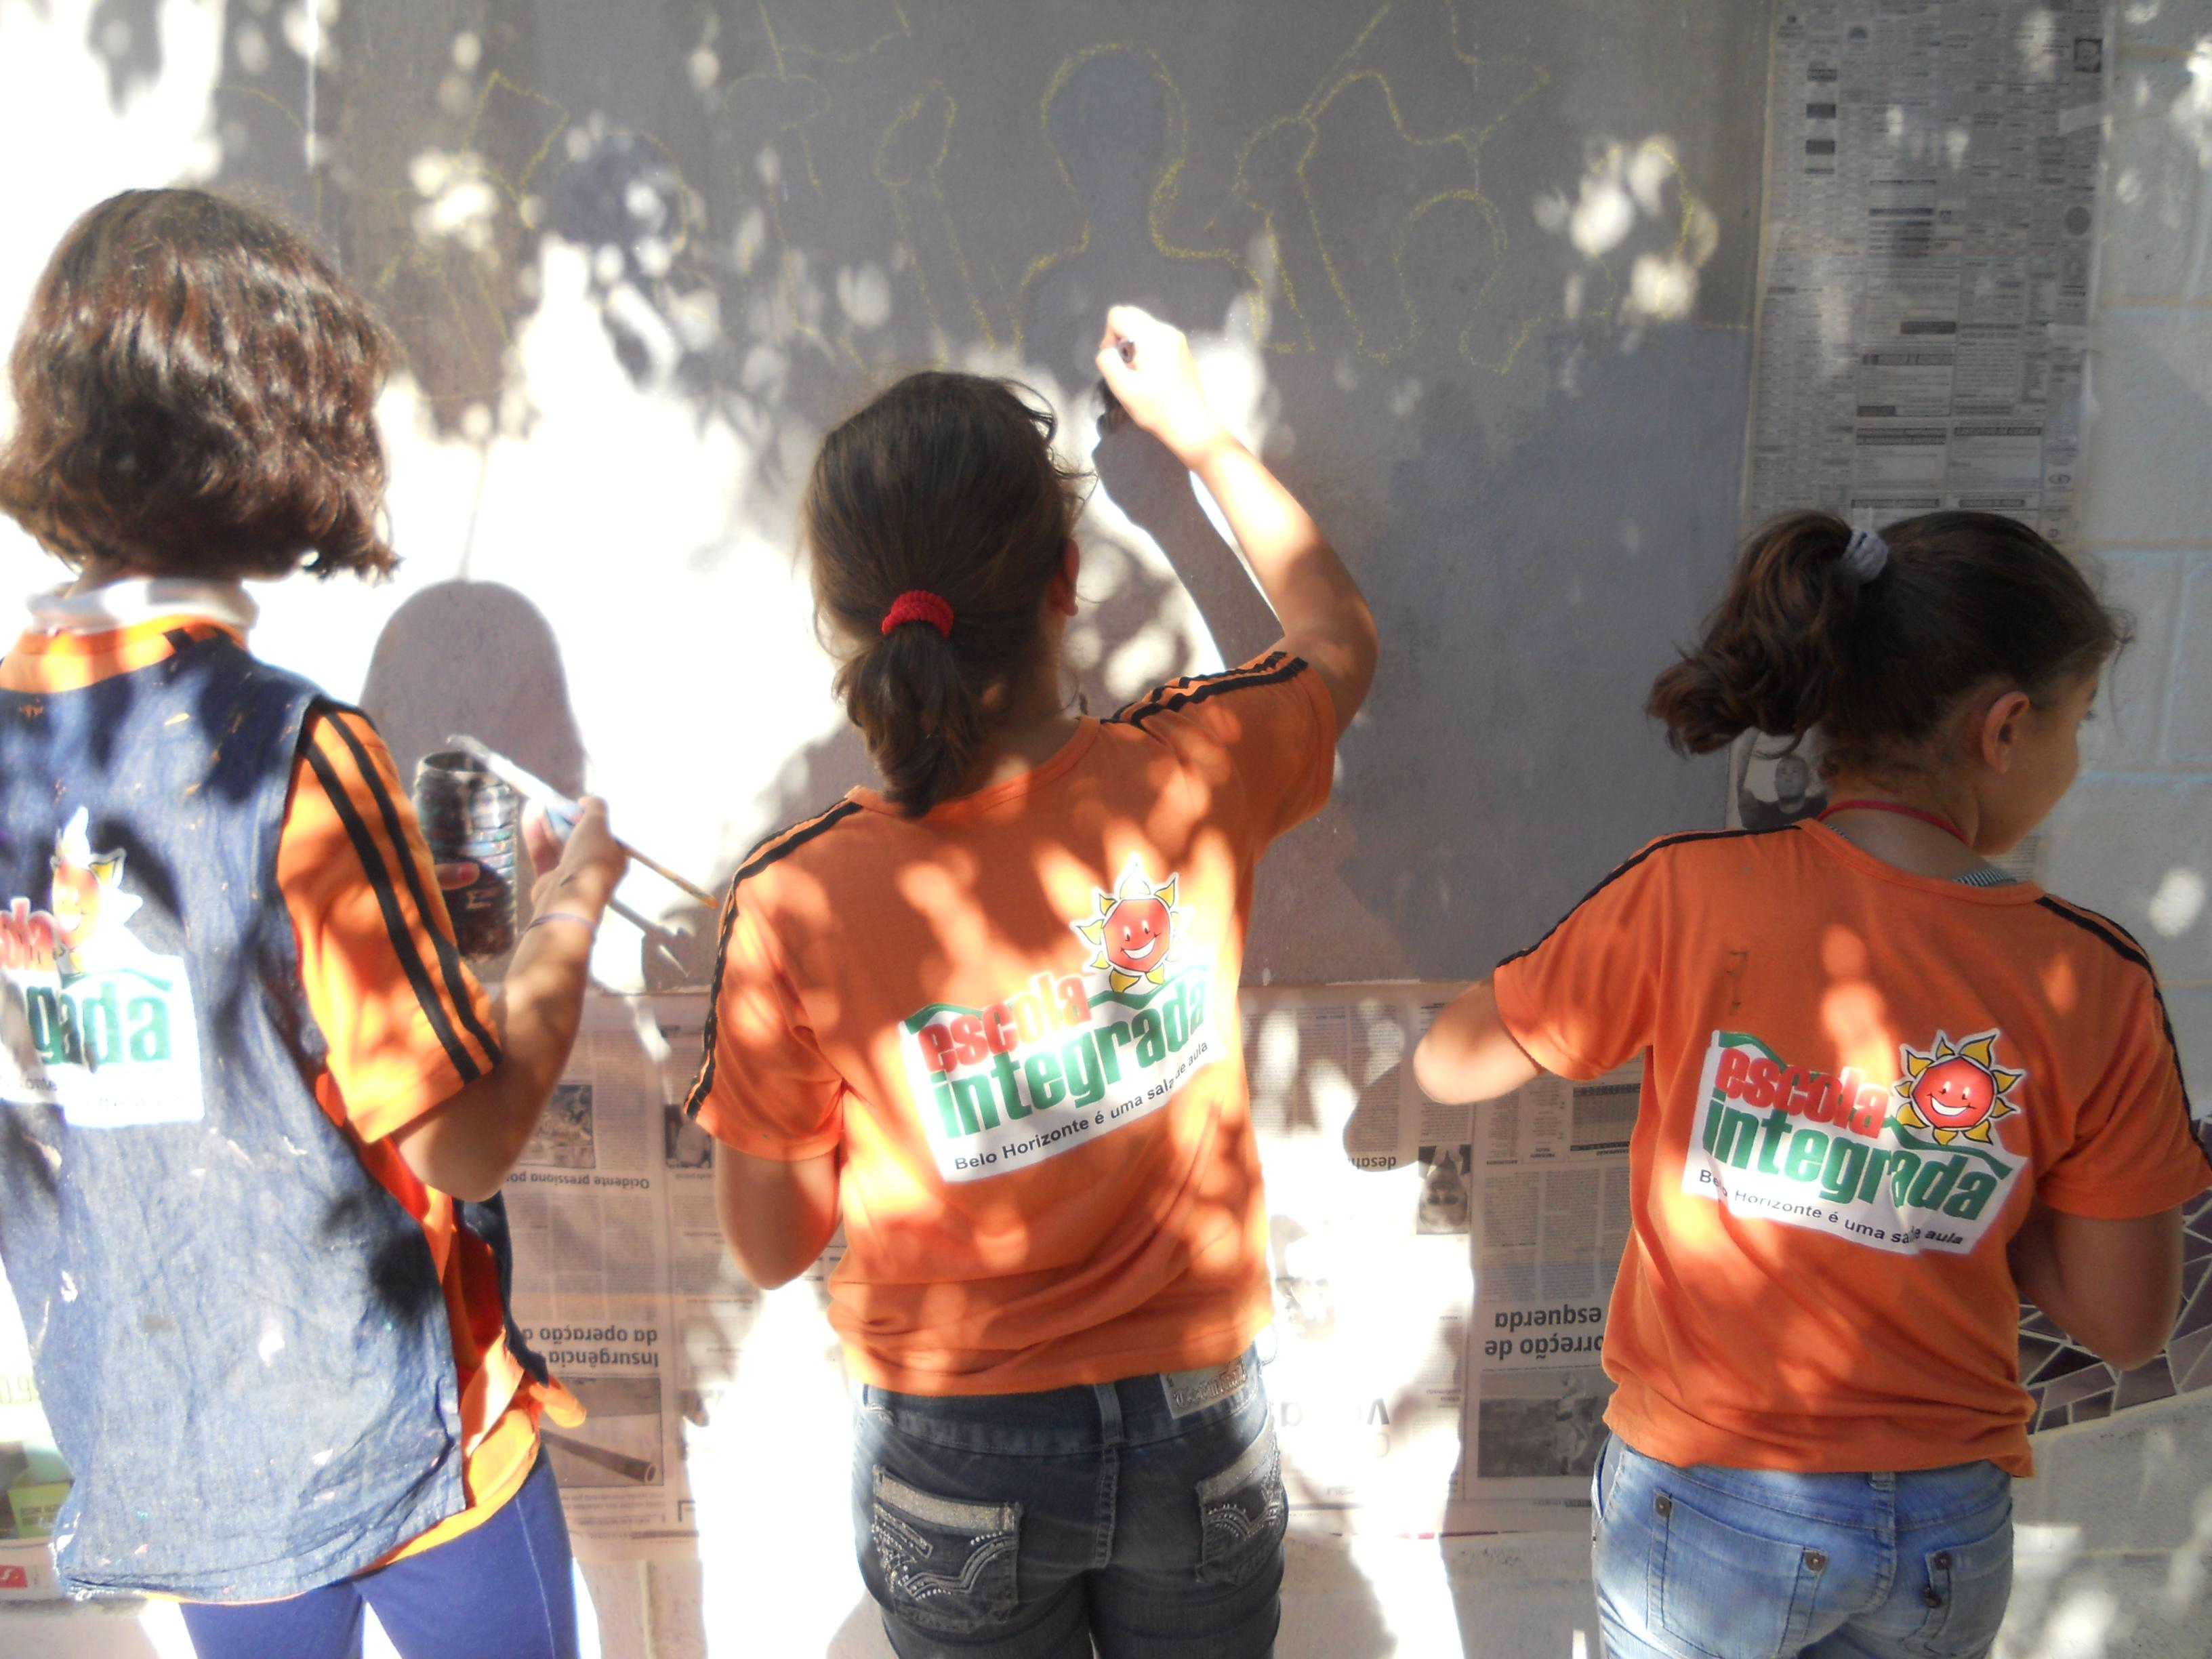 Programa Escola Integrada reconfigurou a relação das escolas com a cidade de Belo Horizonte